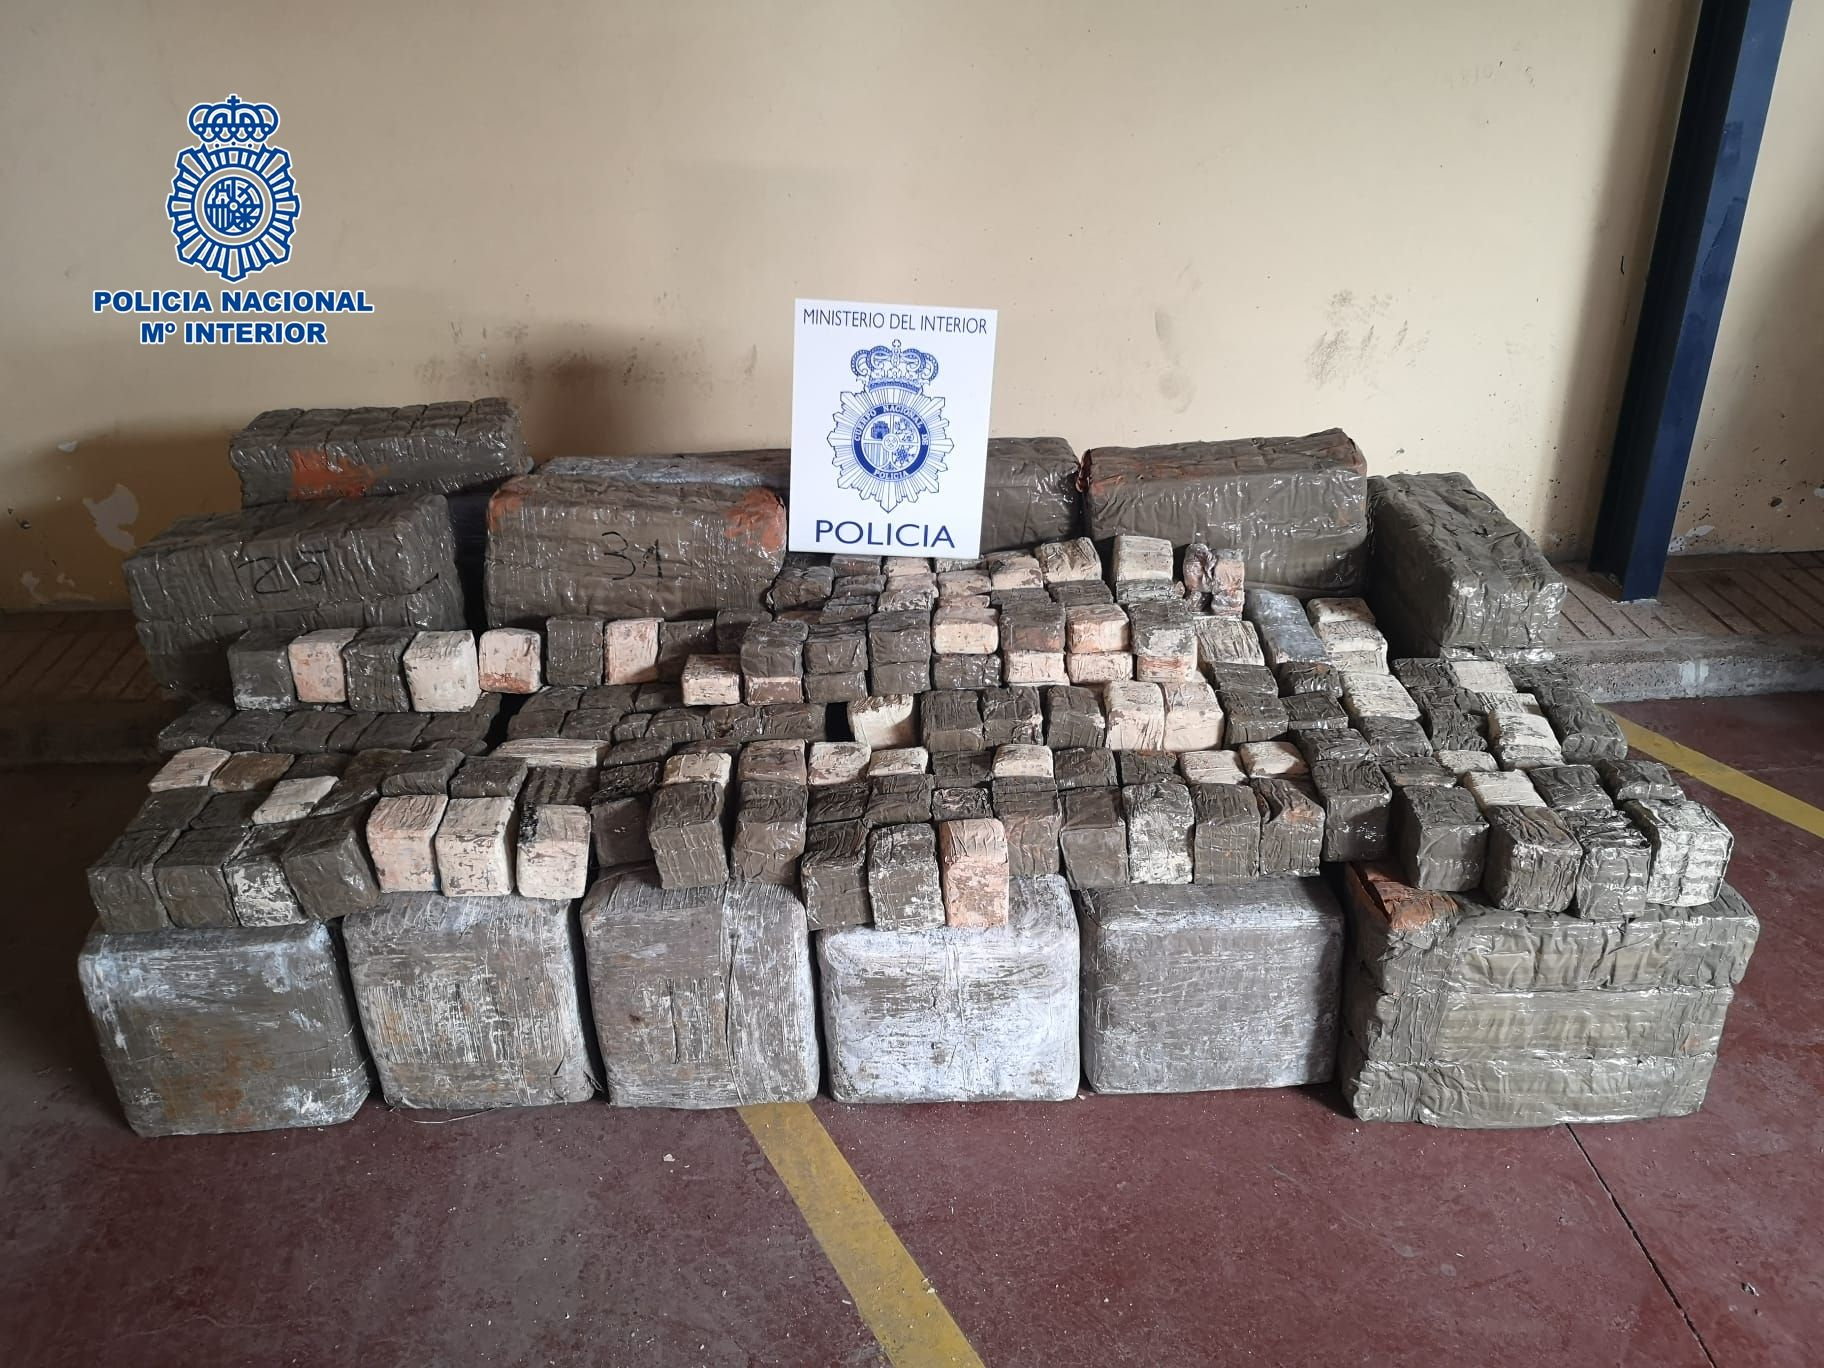 La Policía Nacional detiene a dos hombres en Fuerteventura por tráfico de drogas